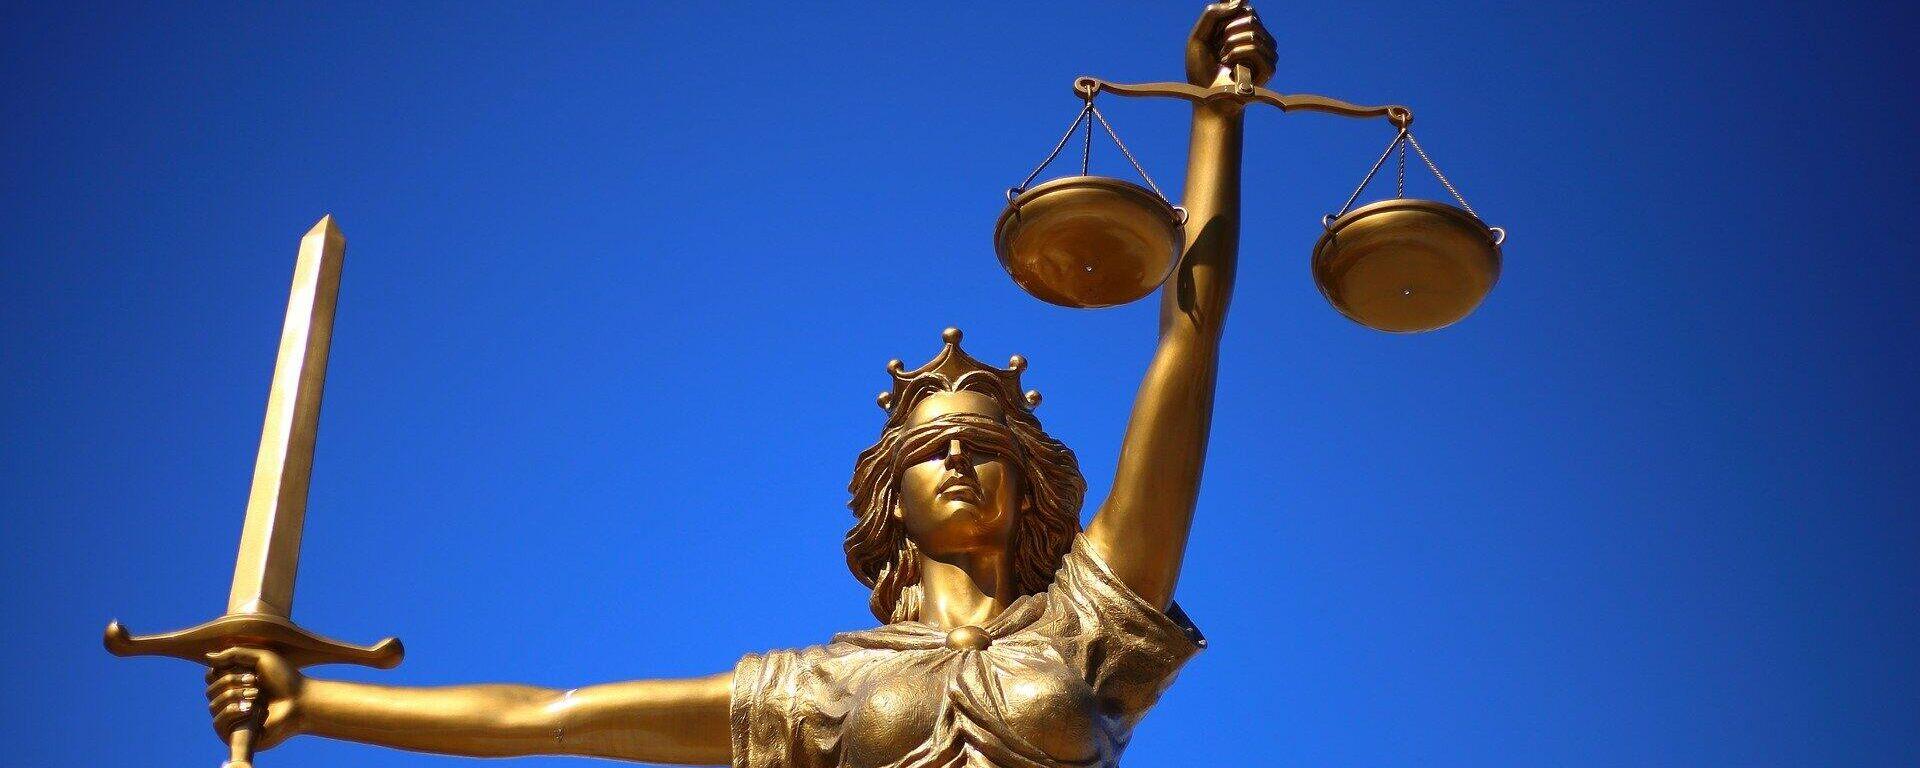 Gerechtigkeit (Symbolbild) - SNA, 1920, 23.09.2021